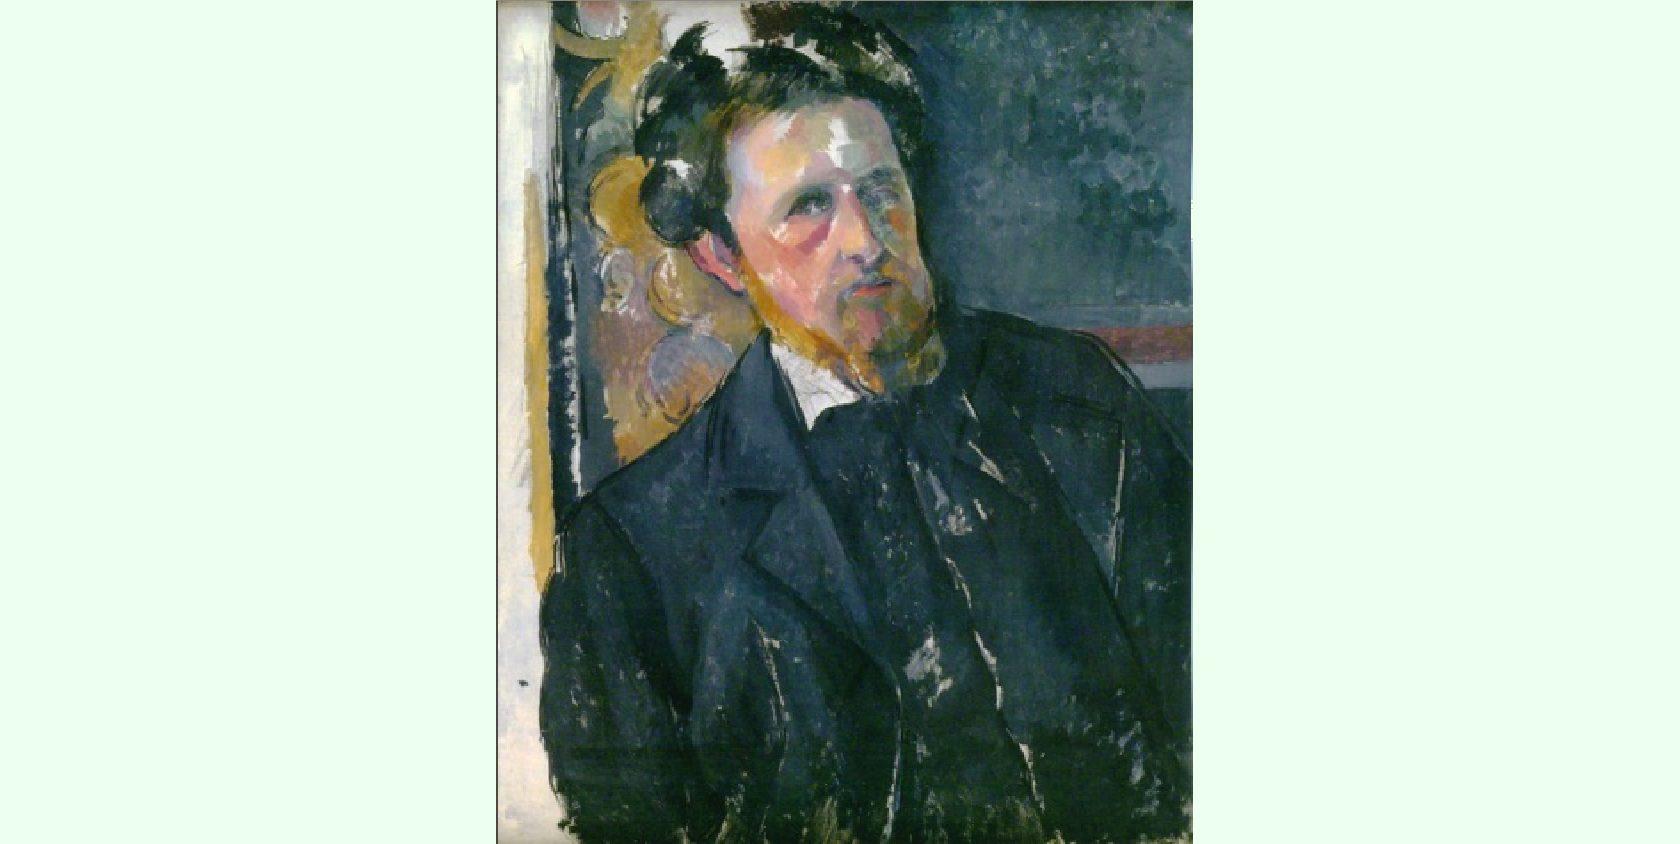 Une lettre inédite de Joachim Gasquet sur Cézanne